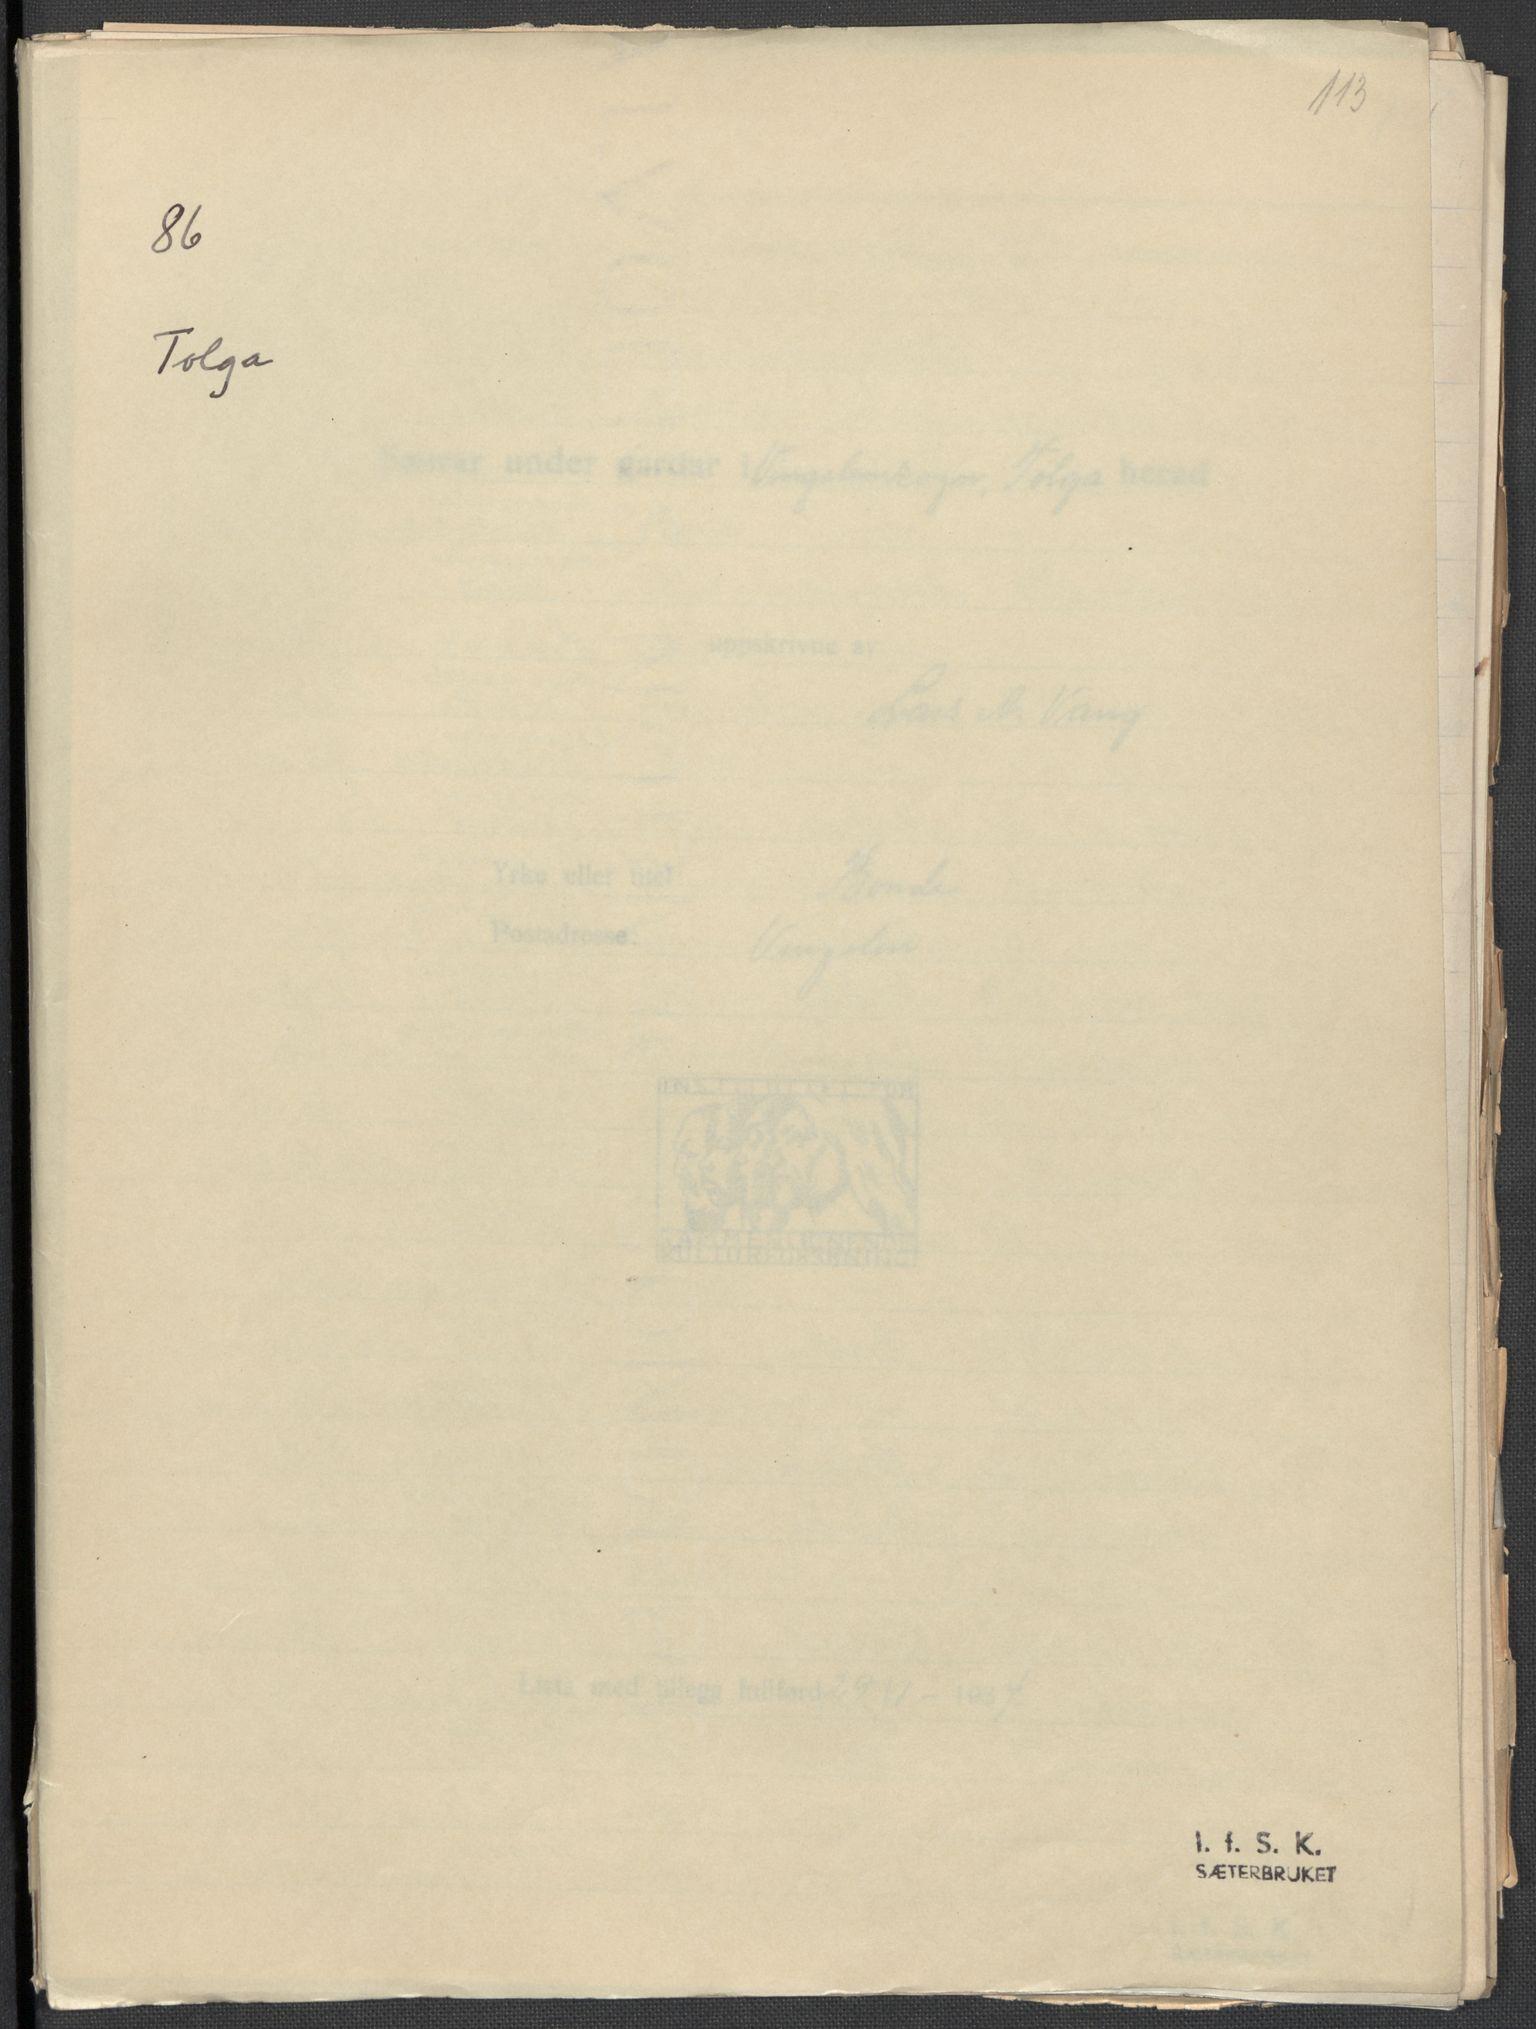 RA, Instituttet for sammenlignende kulturforskning, F/Fc/L0003: Eske B3:, 1933-1939, s. 113